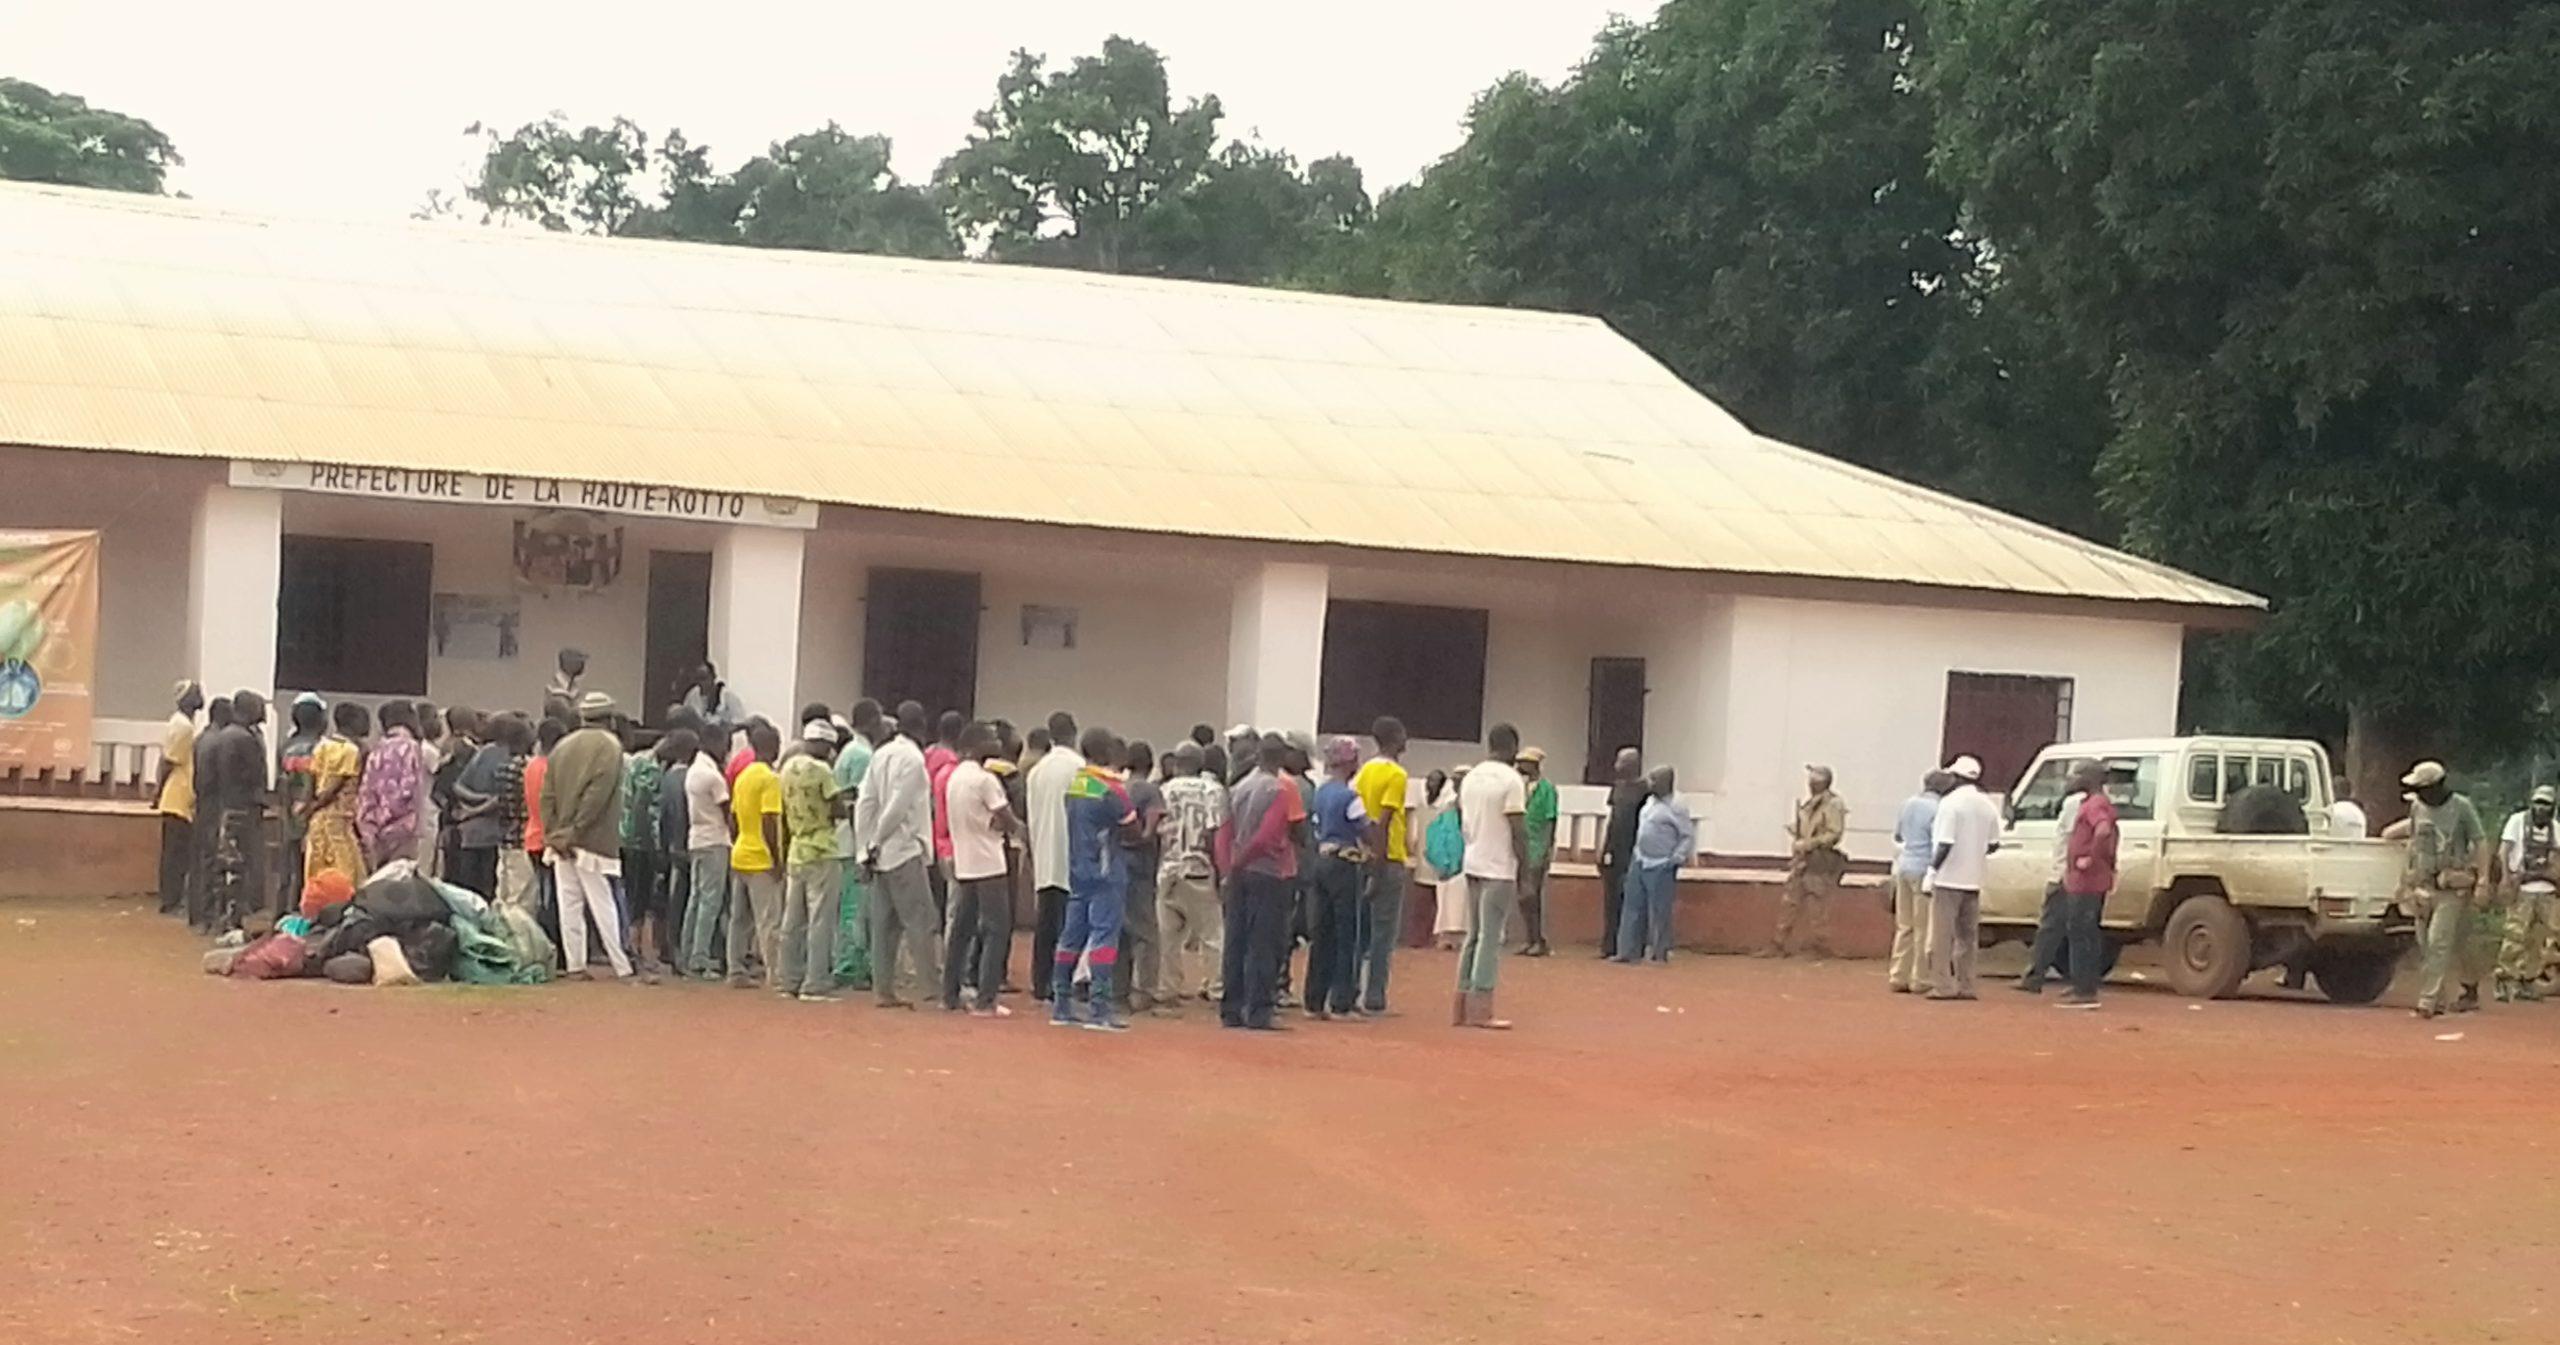 Centrafrique : Plus 700 combattants dissidents de l'UPC veulent revenir dans l'Accord politique pour la paix et la réconciliation